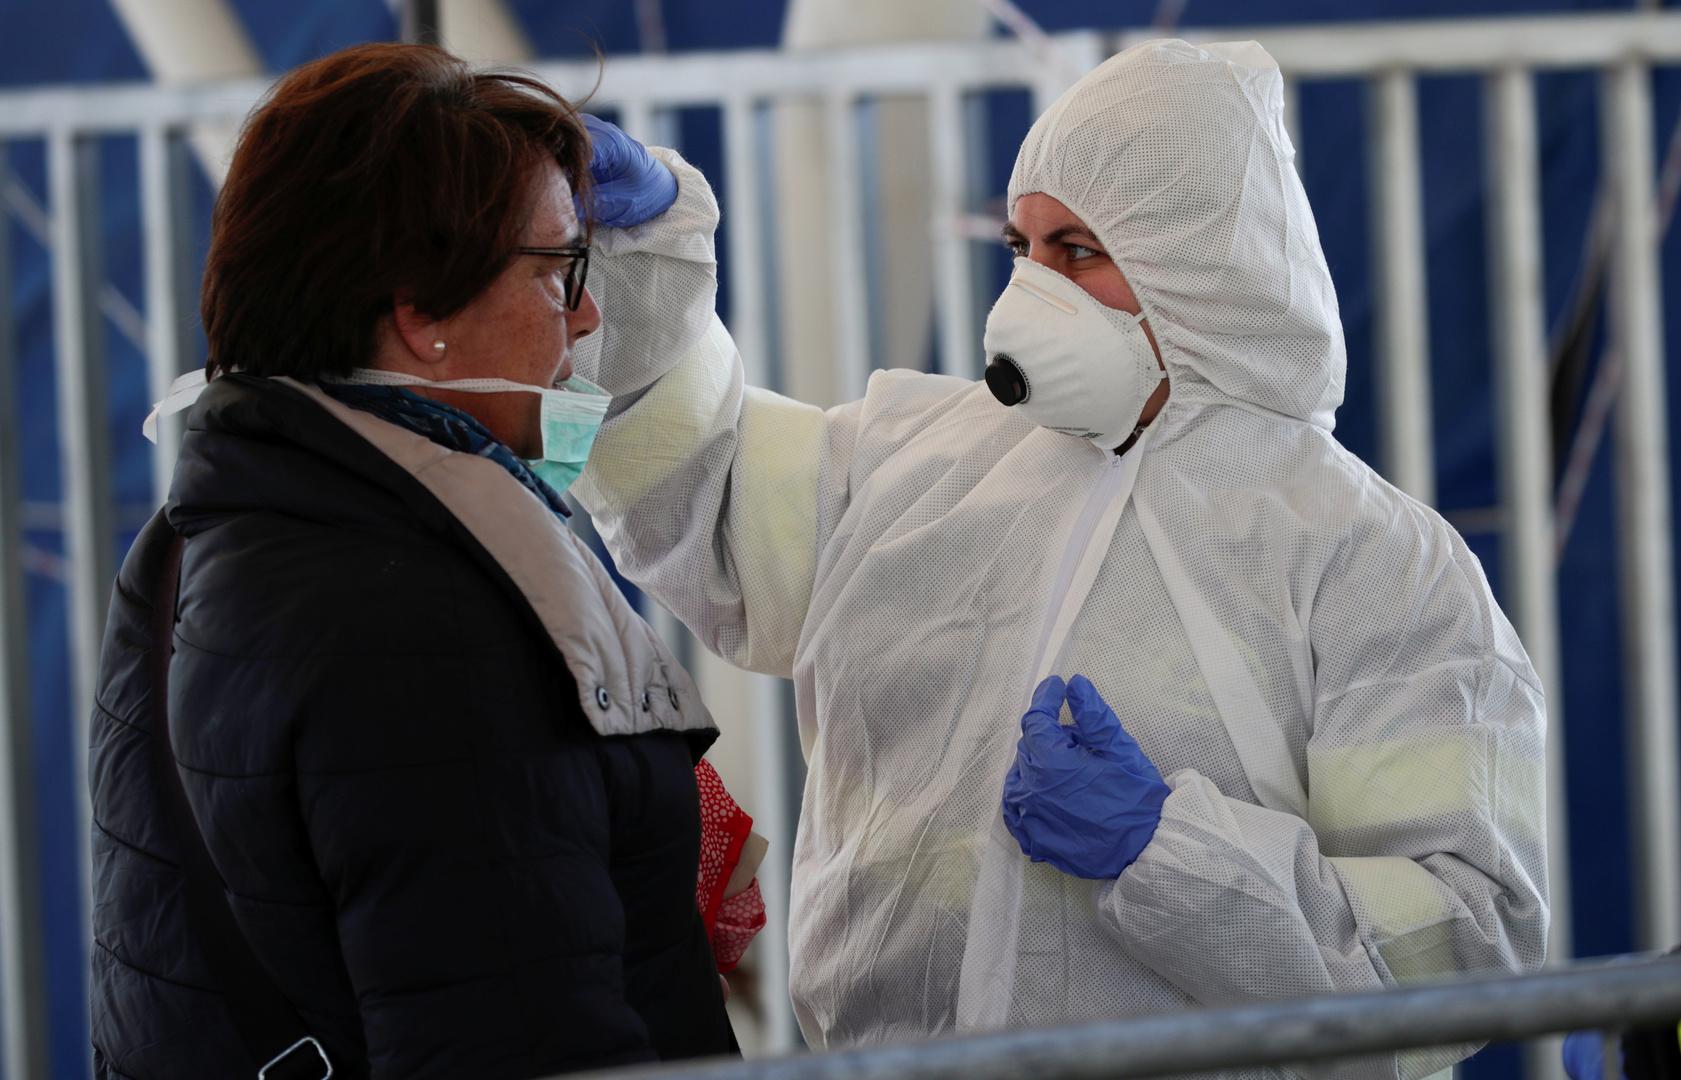 Kontrolle der Körpertemperatur von Personen im Fährhafen Molo Beverello in Neapel